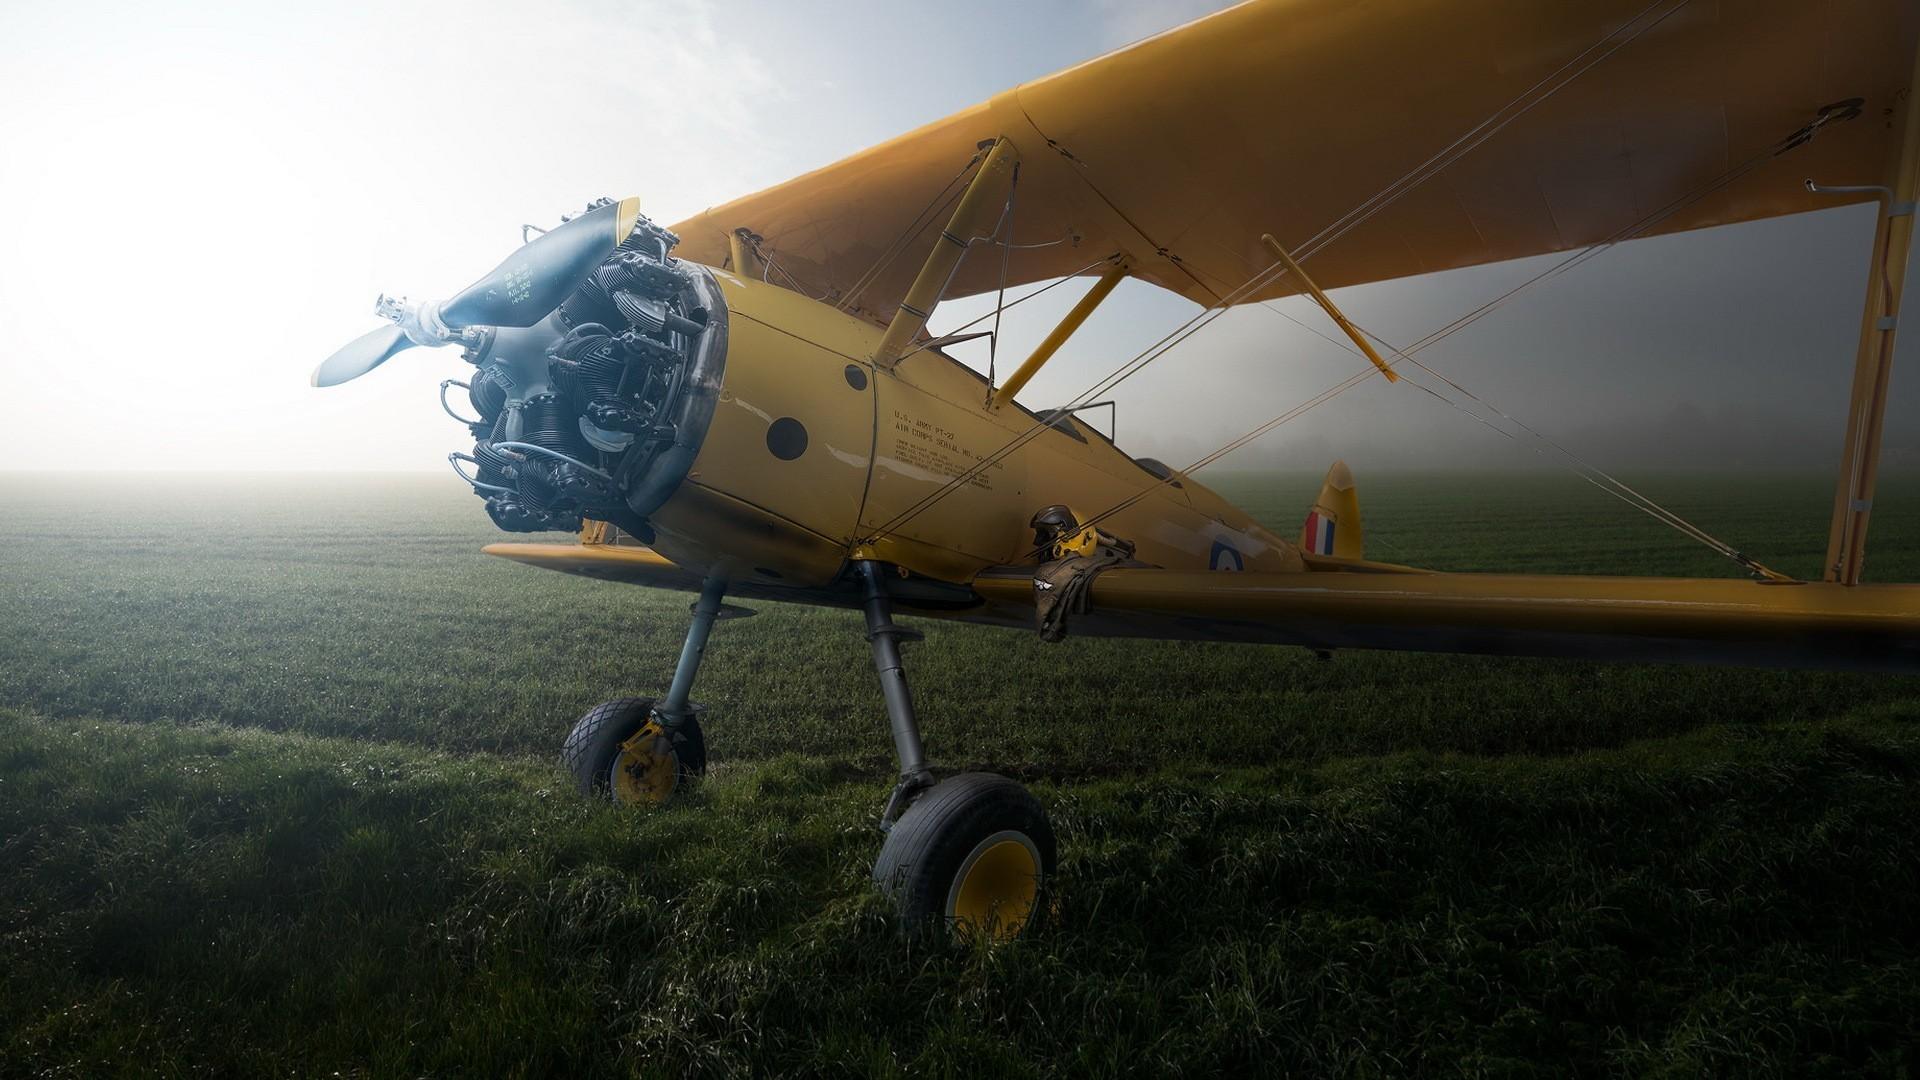 Elicottero 2 Guerra Mondiale : Sfondi militari immagini